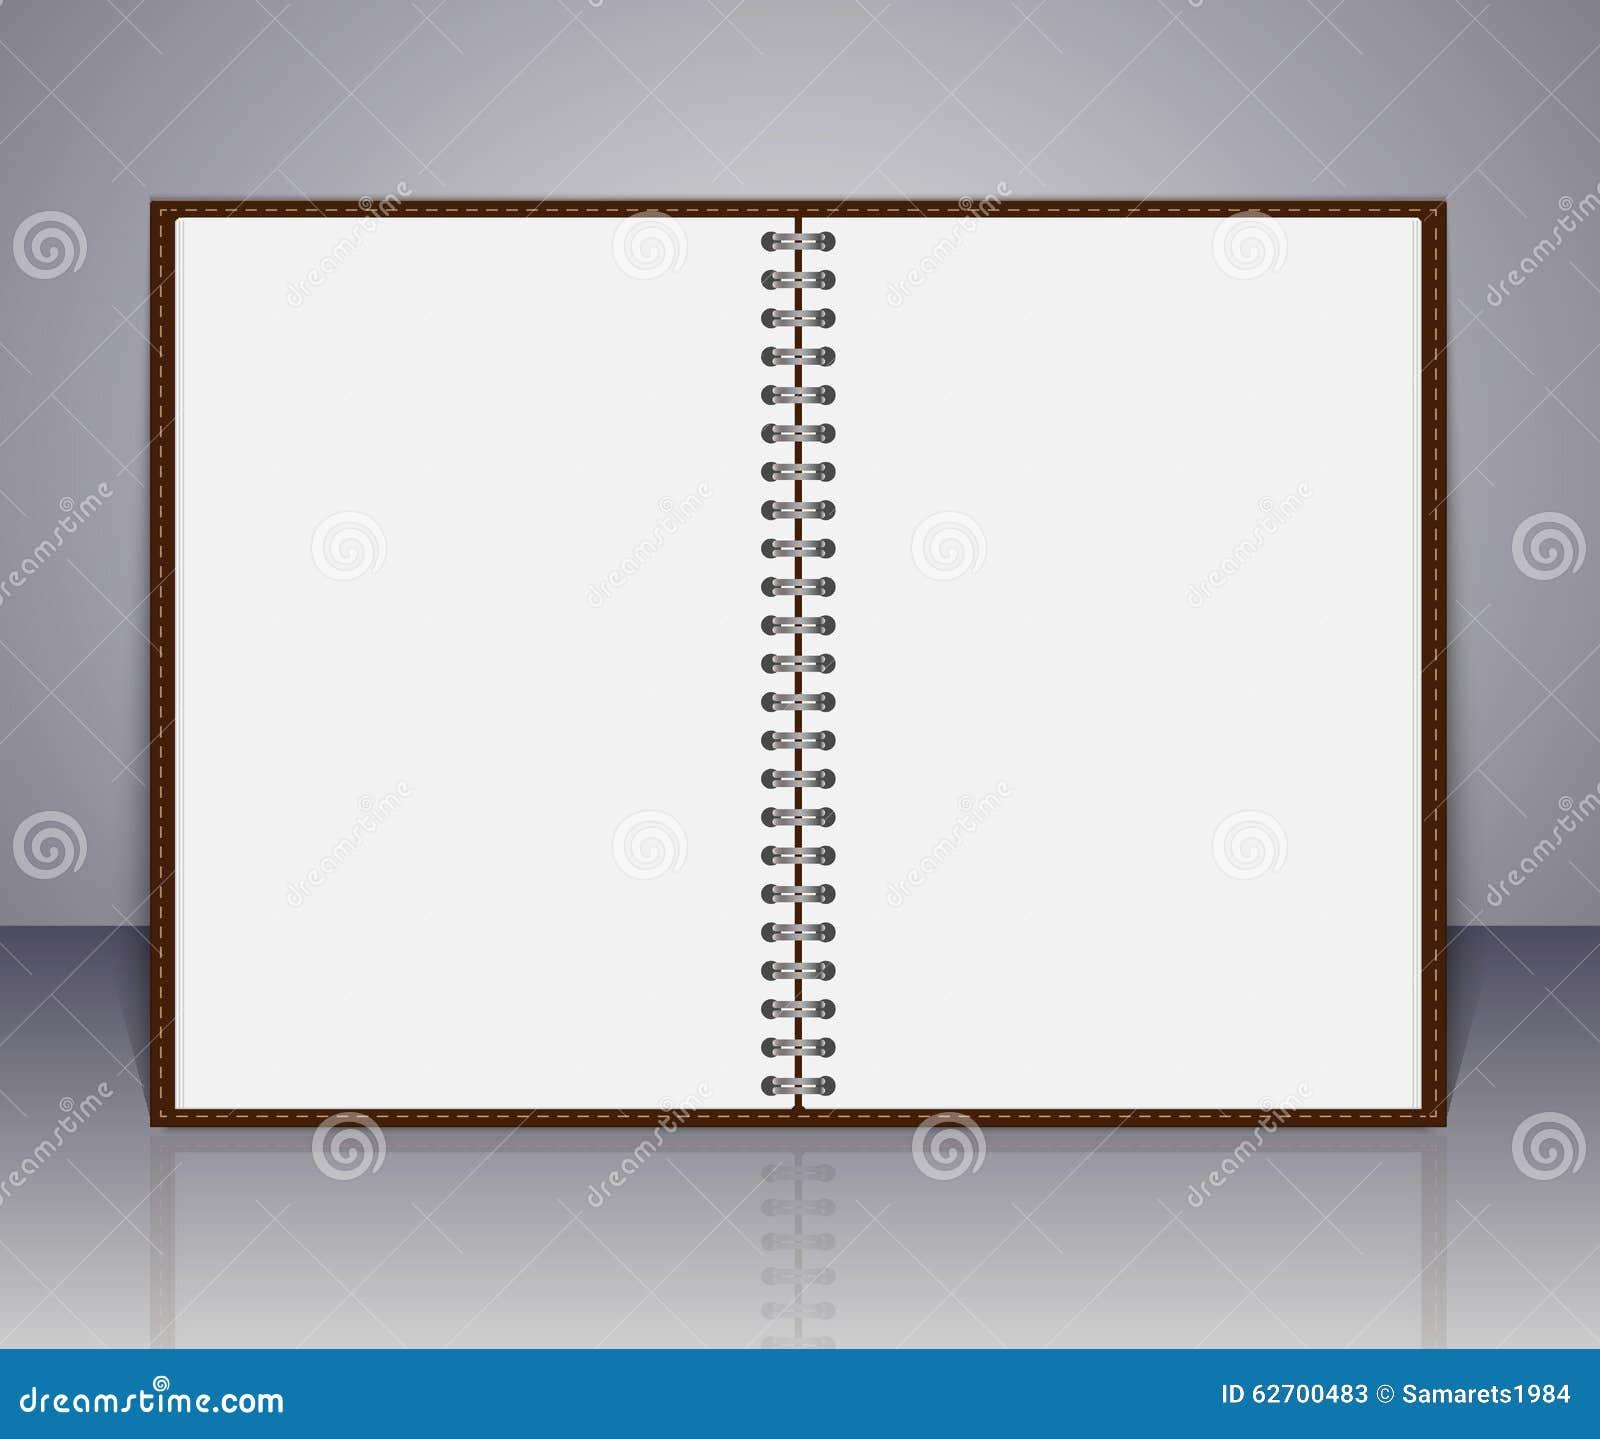 Διανυσματική ανοικτή κενή σημείωση σημειωματάριων και υπενθυμίσεων